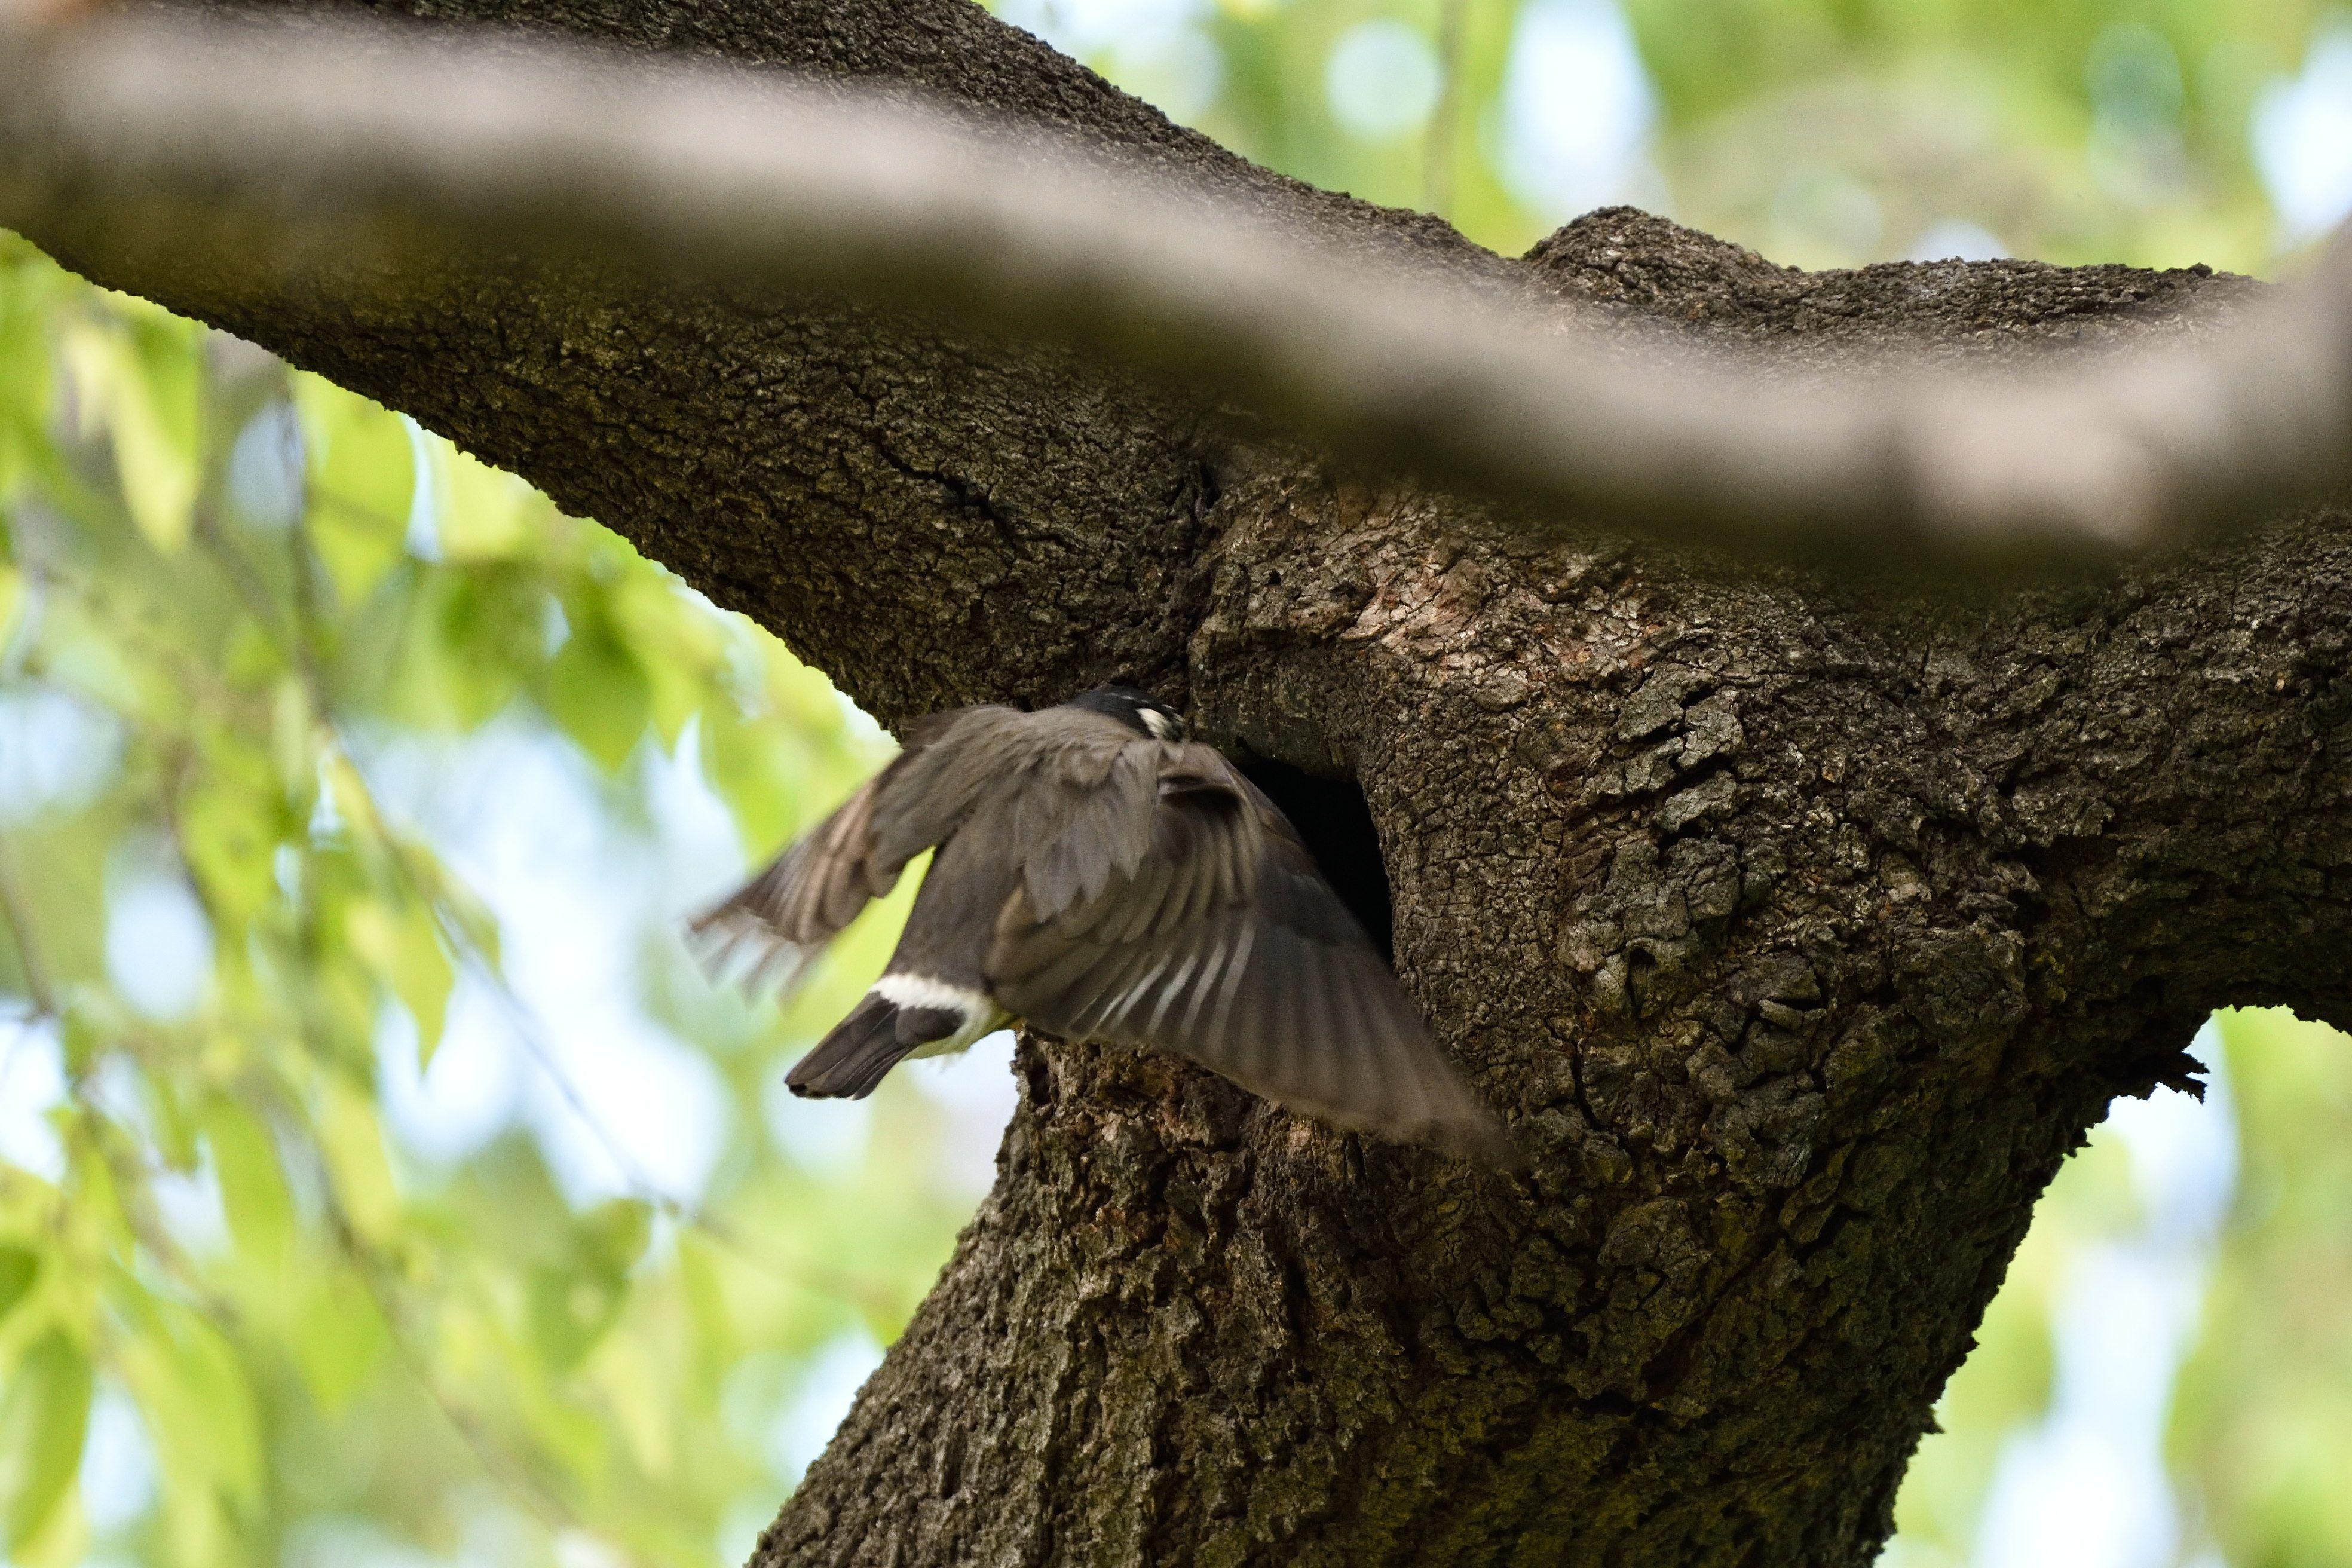 餌を巣に運び入れるムクドリ   花鳥風枝 - 楽天ブログ